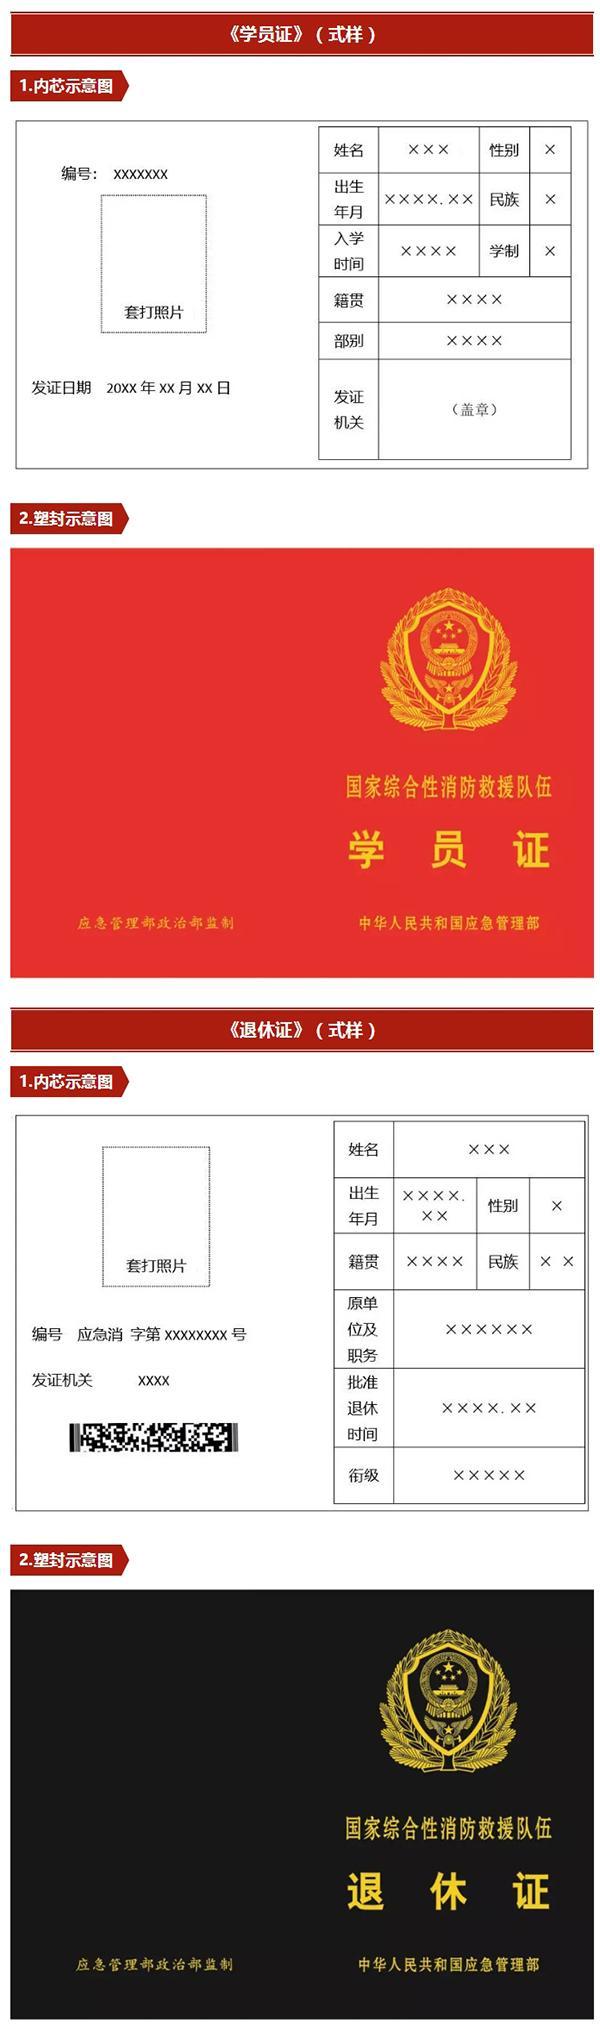 应急管理部:国家综合性消防救援队伍人员证2月1日启用